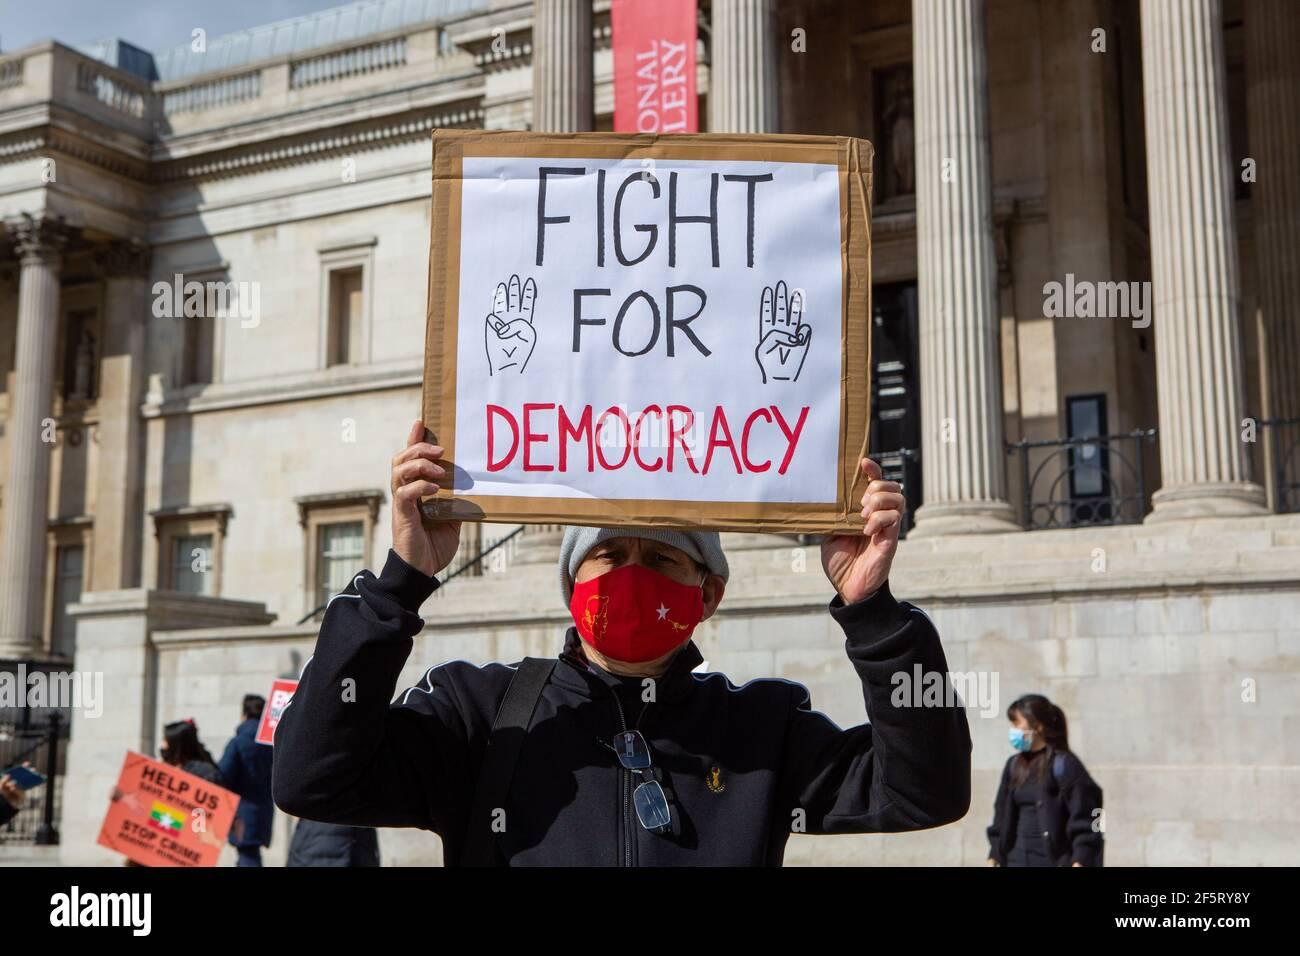 Un manifestante sosteniendo un cartel expresando su opinión durante una manifestación pacífica.manifestantes contra el golpe militar de Myanmar se reunieron en Trafalgar Square a medida que decenas más son asesinados en el país. La policía y los soldados militares de Myanmar (tatmadow) atacaron a los manifestantes con balas de goma, municiones vivas, gases lacrimógenos y bombas de aturdimiento en respuesta a los manifestantes contra el golpe militar el sábado en Myanmar, matando a más de 90 personas e hirieron a muchas otras. Al menos 300 personas han sido asesinadas en Myanmar desde el golpe de Estado del 1 de febrero, dijo un funcionario de derechos humanos de la ONU. El ejército de Myanmar detuvo al Estado Counsell Foto de stock